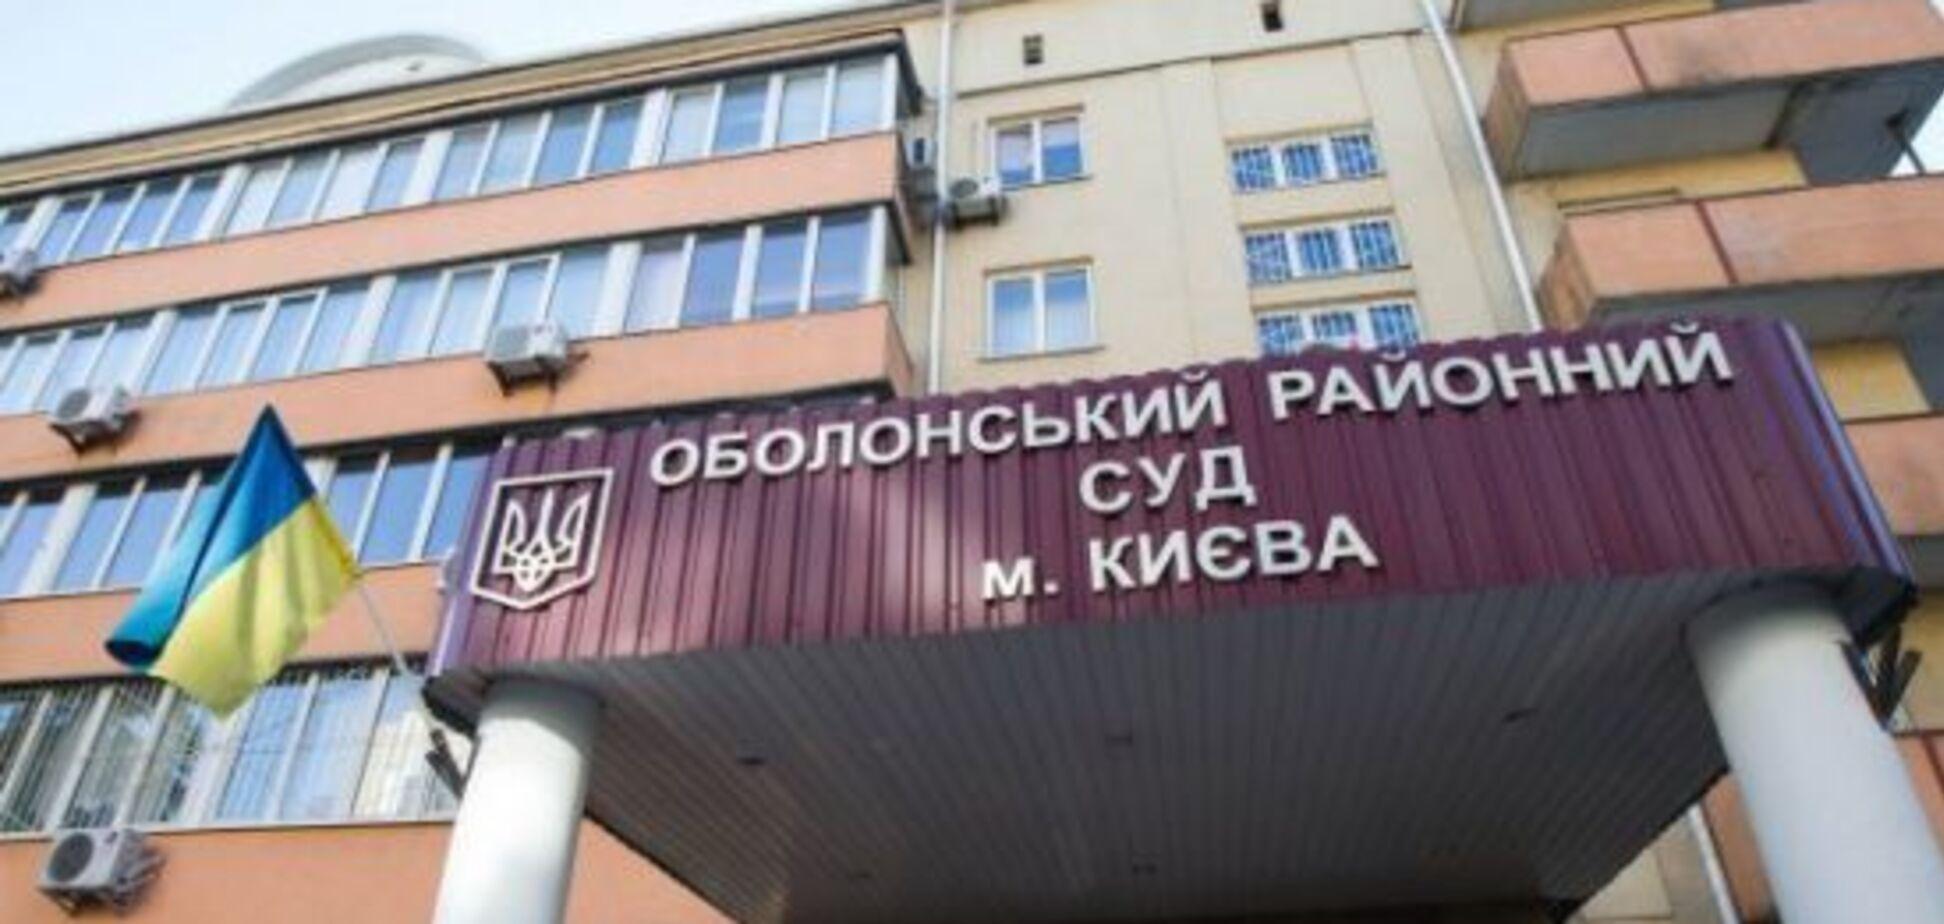 У Києві з будівлі суду евакуювали людей: що трапилося